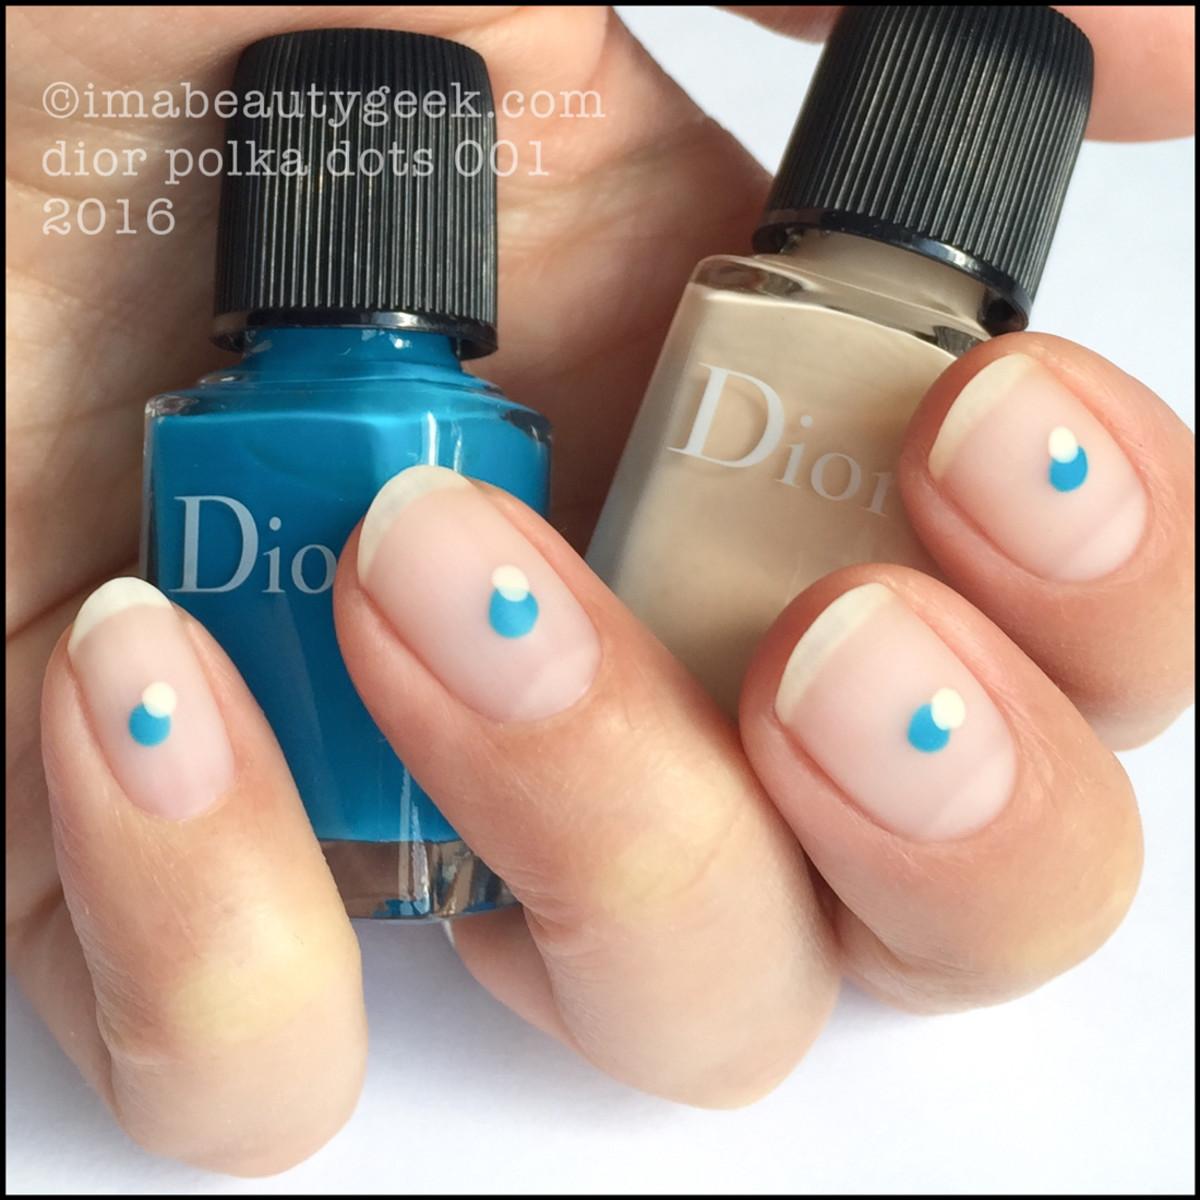 Dior Polka Dots 001_Dior Vernis 212 and 795 Summer 2016